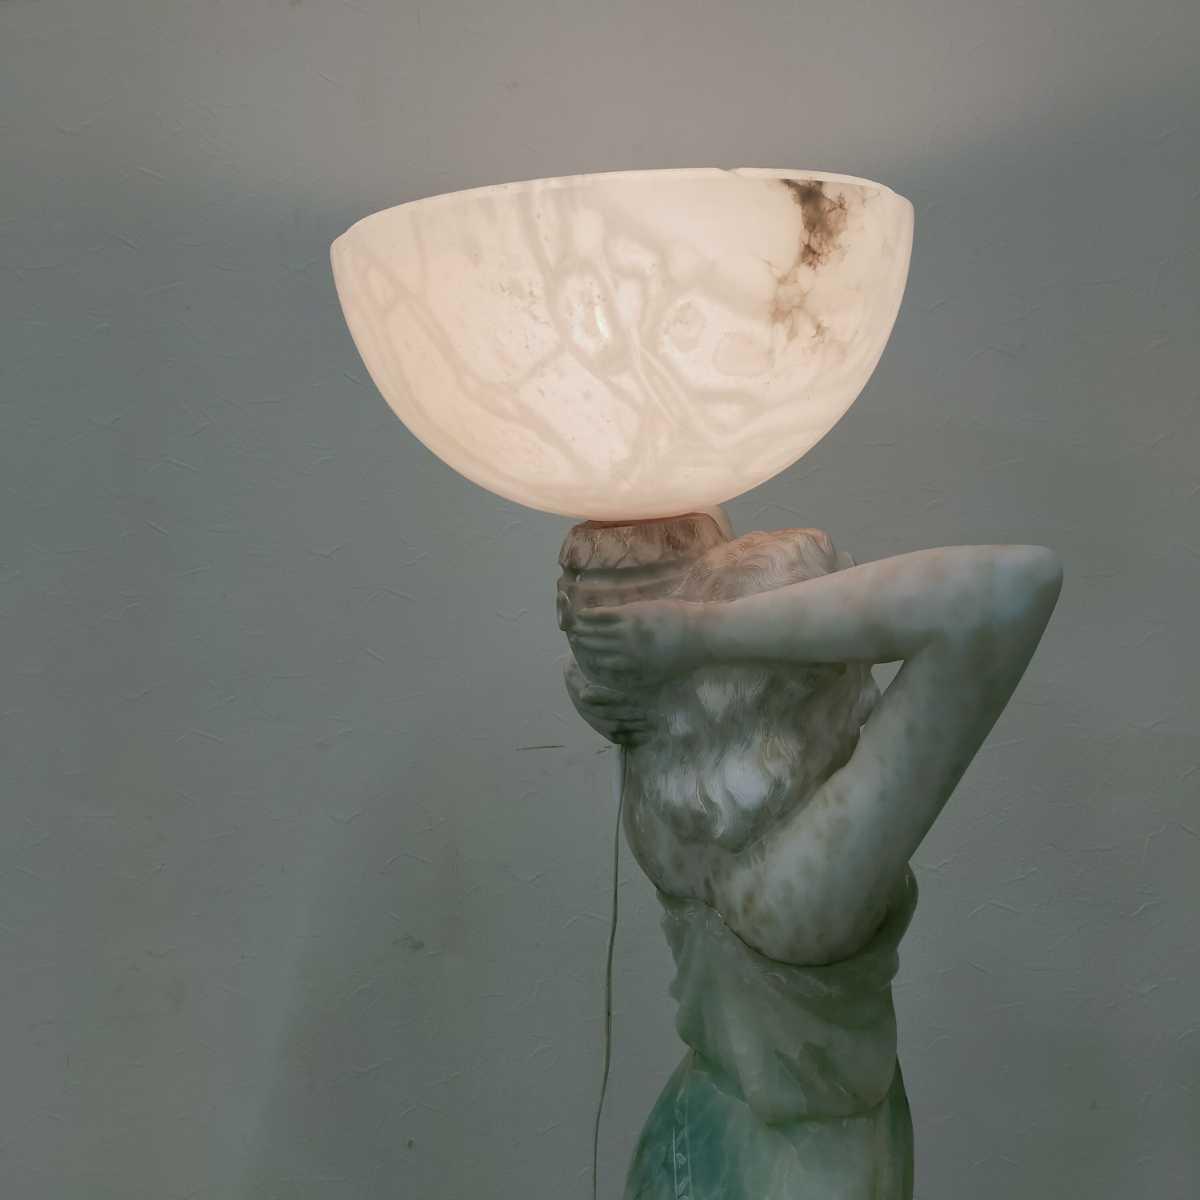 透明感ある天然石の最高級ビーナス ランプ 照明 H約138 150万円 照明器具 オブジェ フロアスタンド_画像7